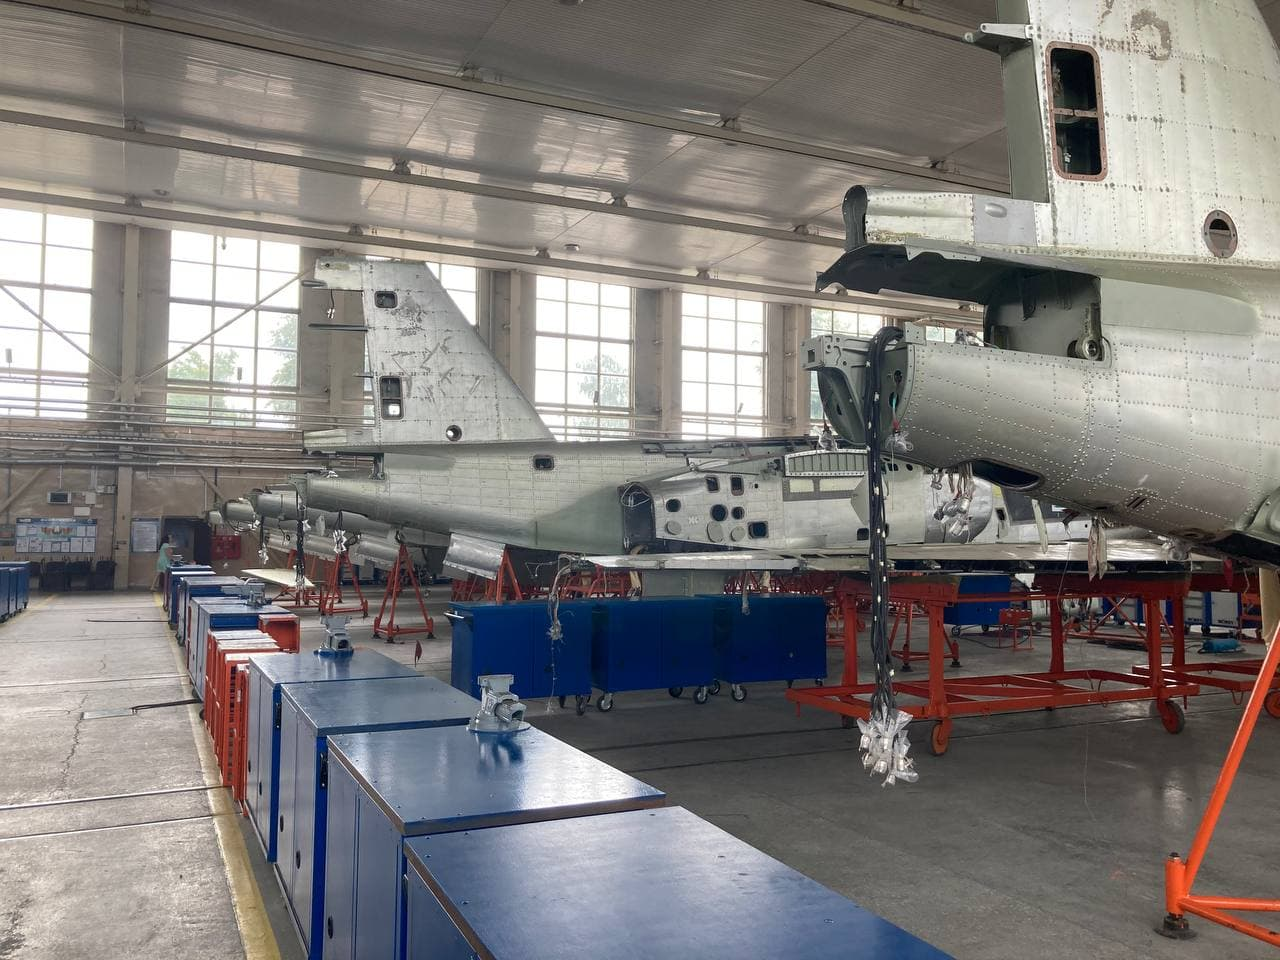 558 Авиационный ремонтный завод авиазавод Барановичи